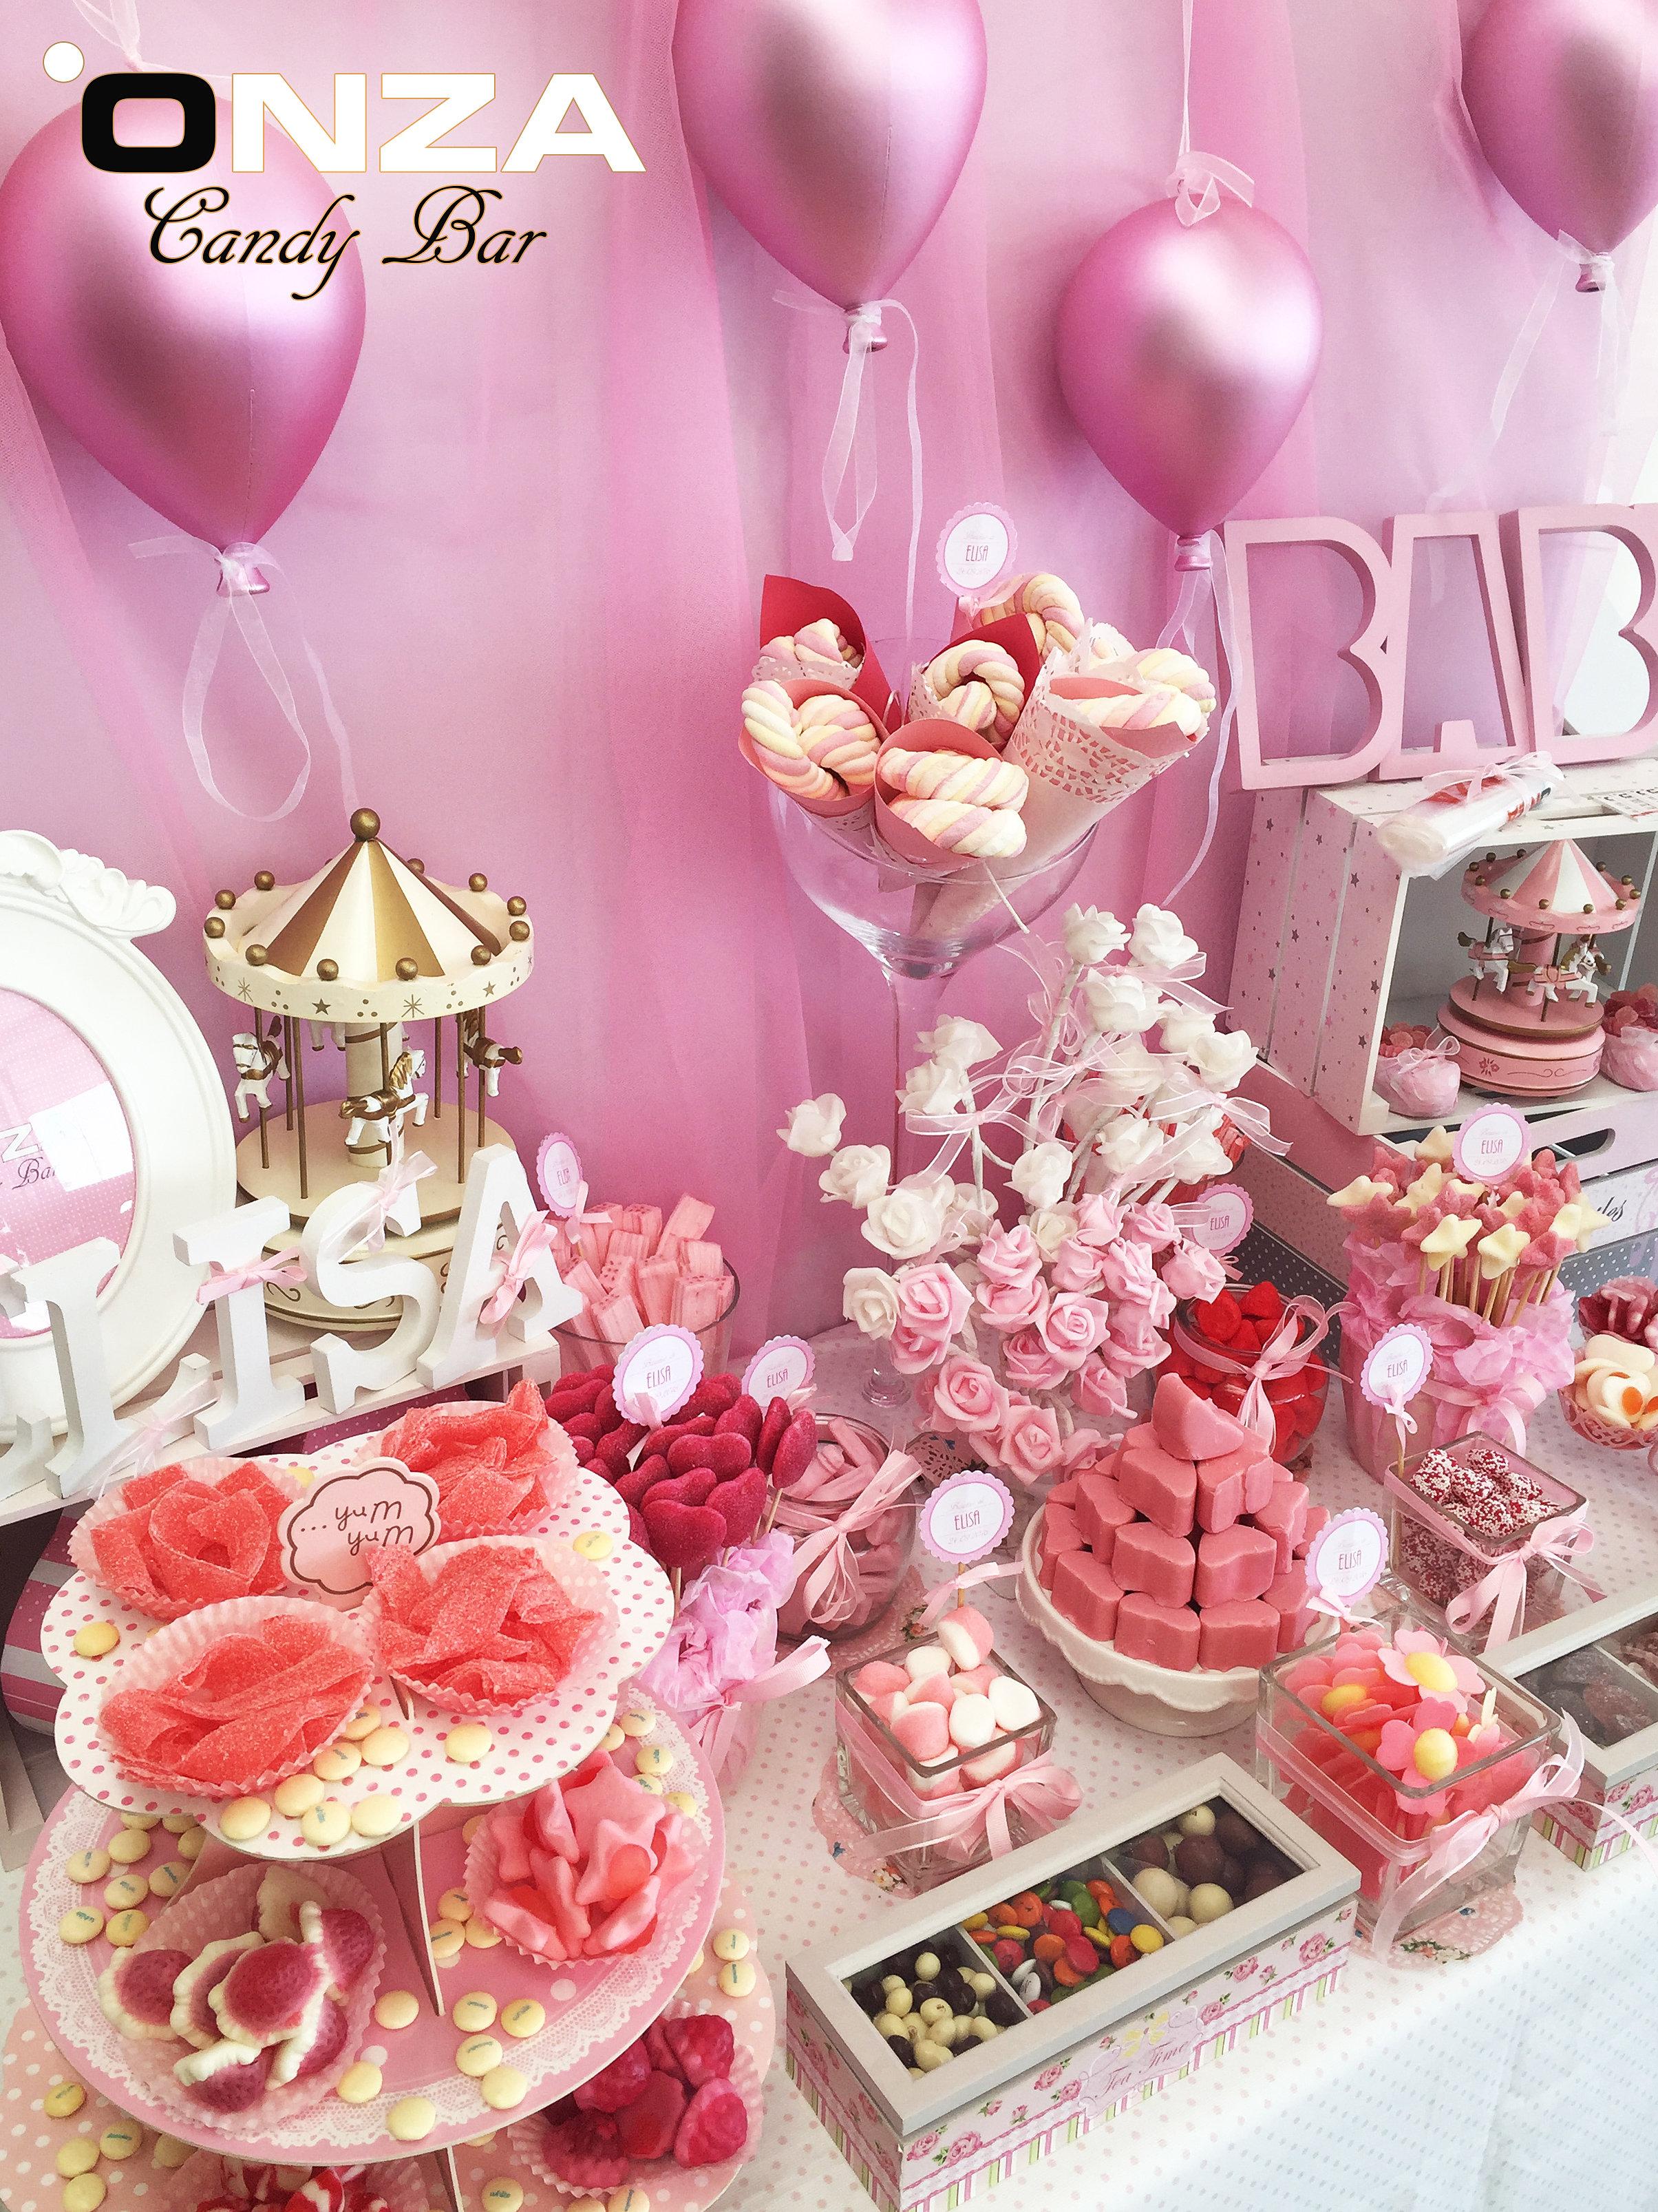 Onza candy bar tartas de chuches mesas dulces - Decoracion chuches para cumpleanos ...